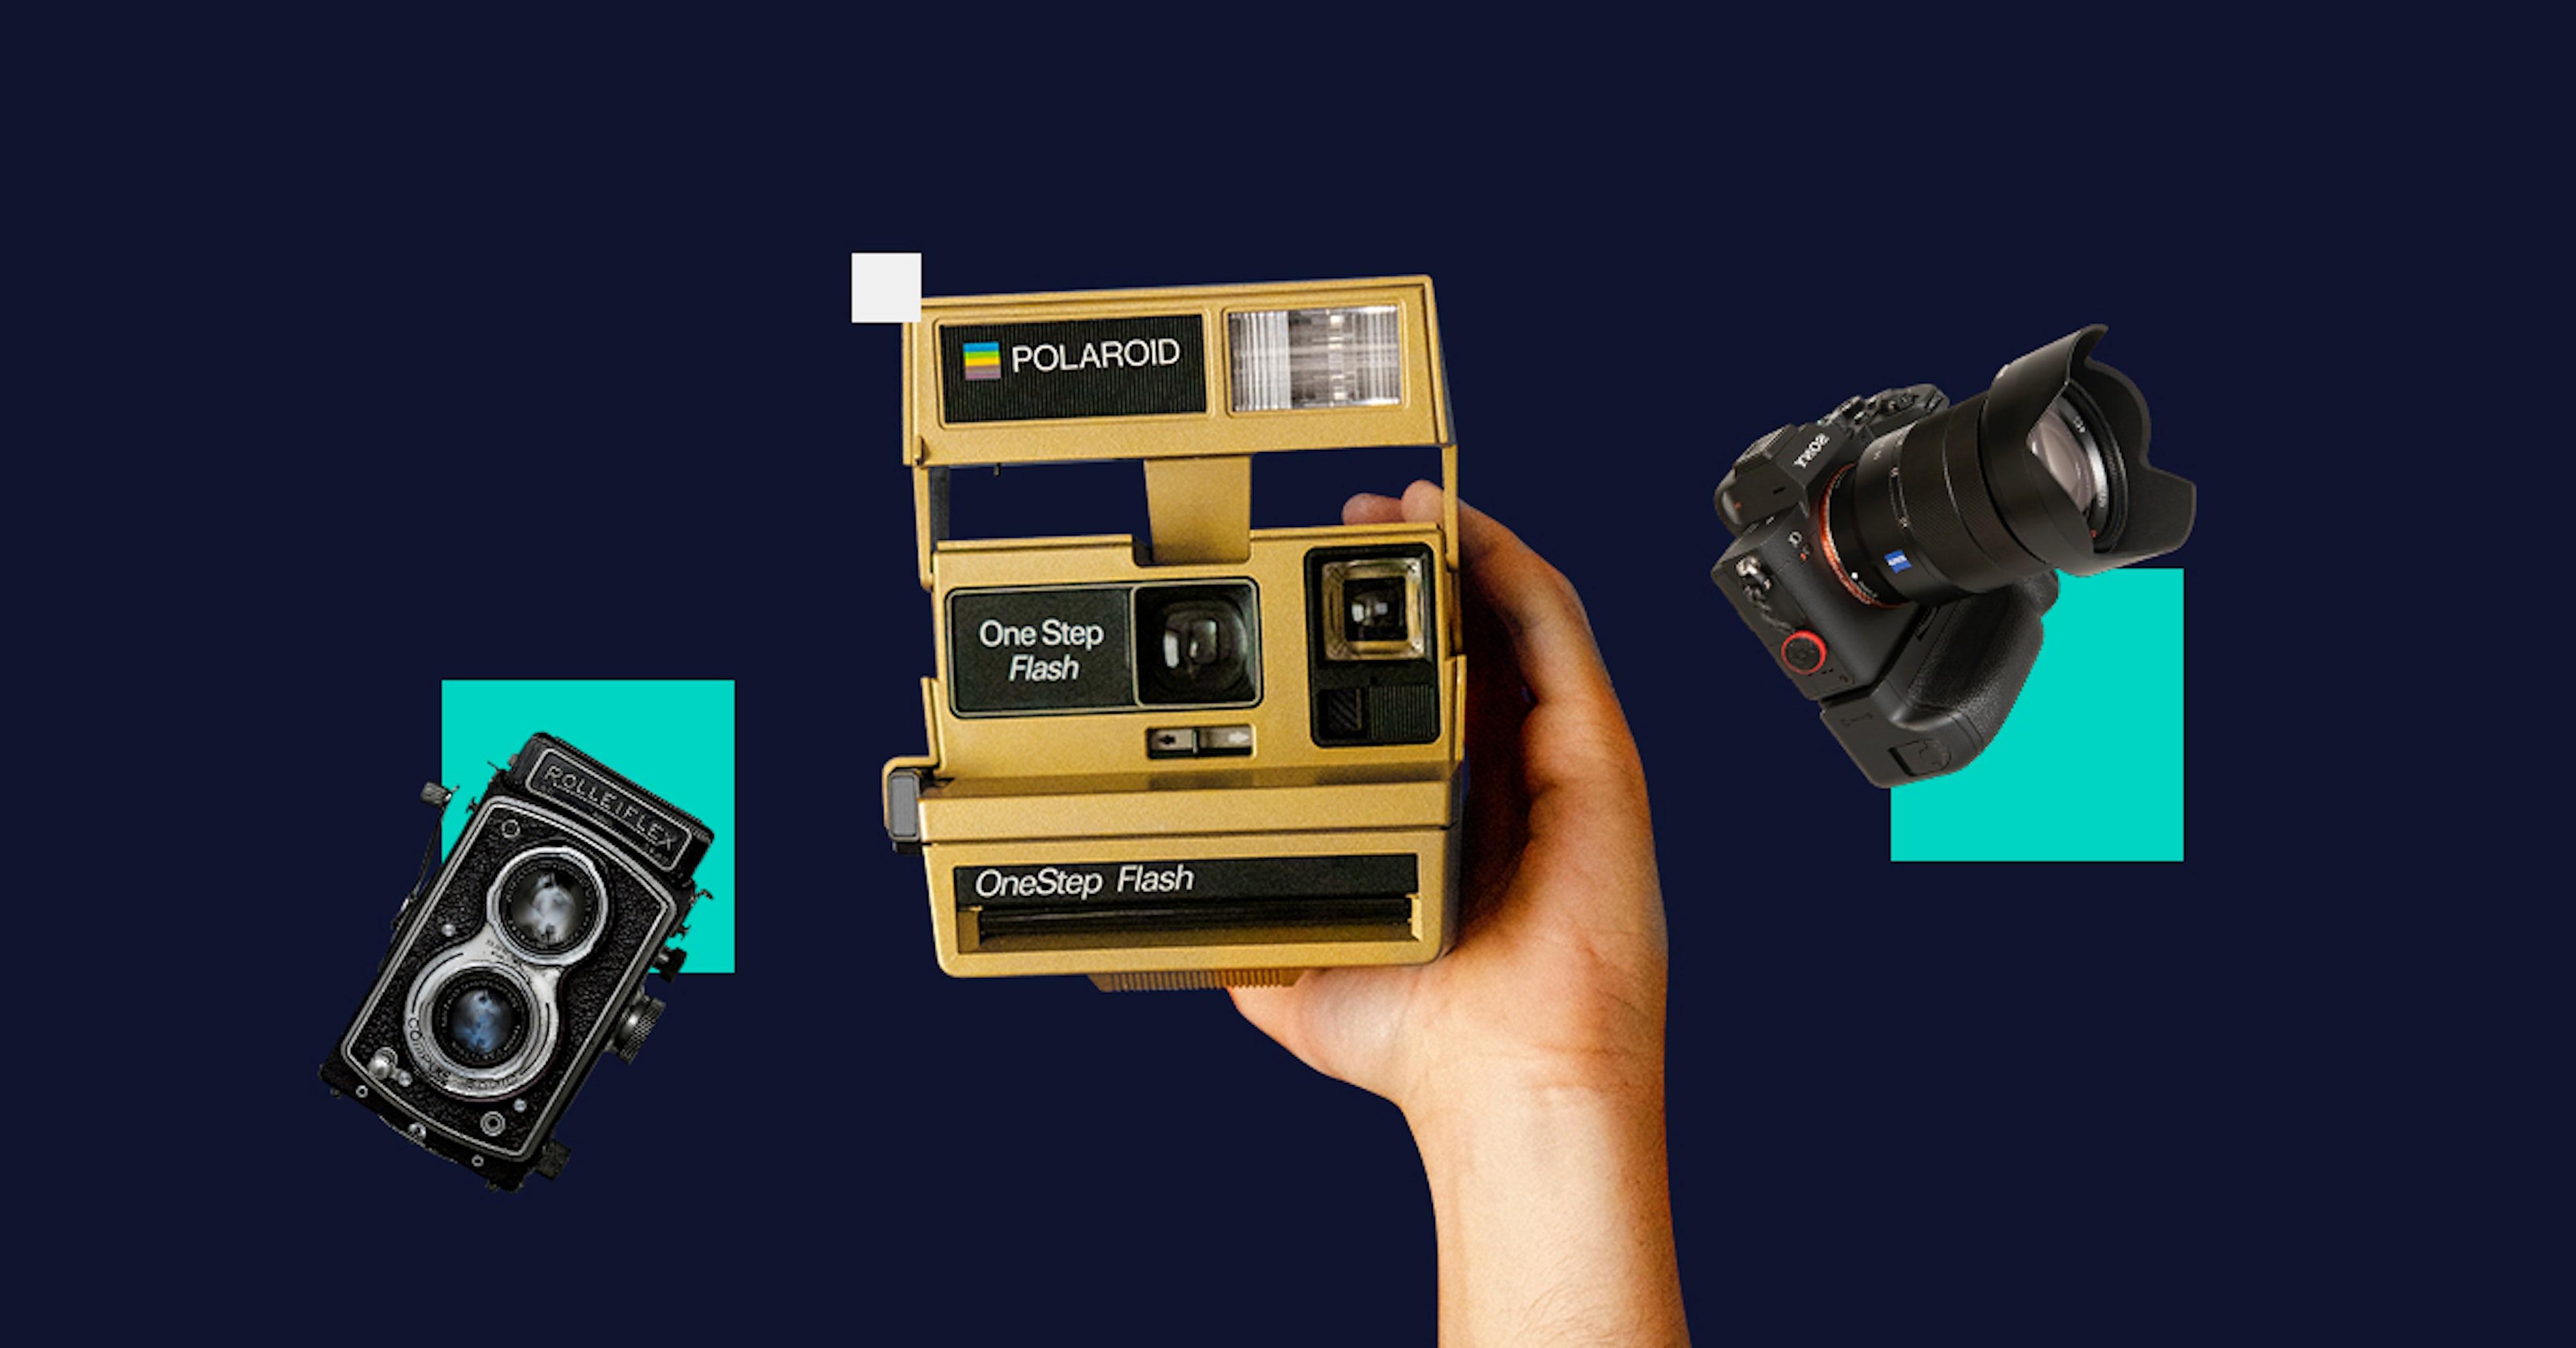 Los tipos de cámaras y su evolución, ¿cuál usarías tú?